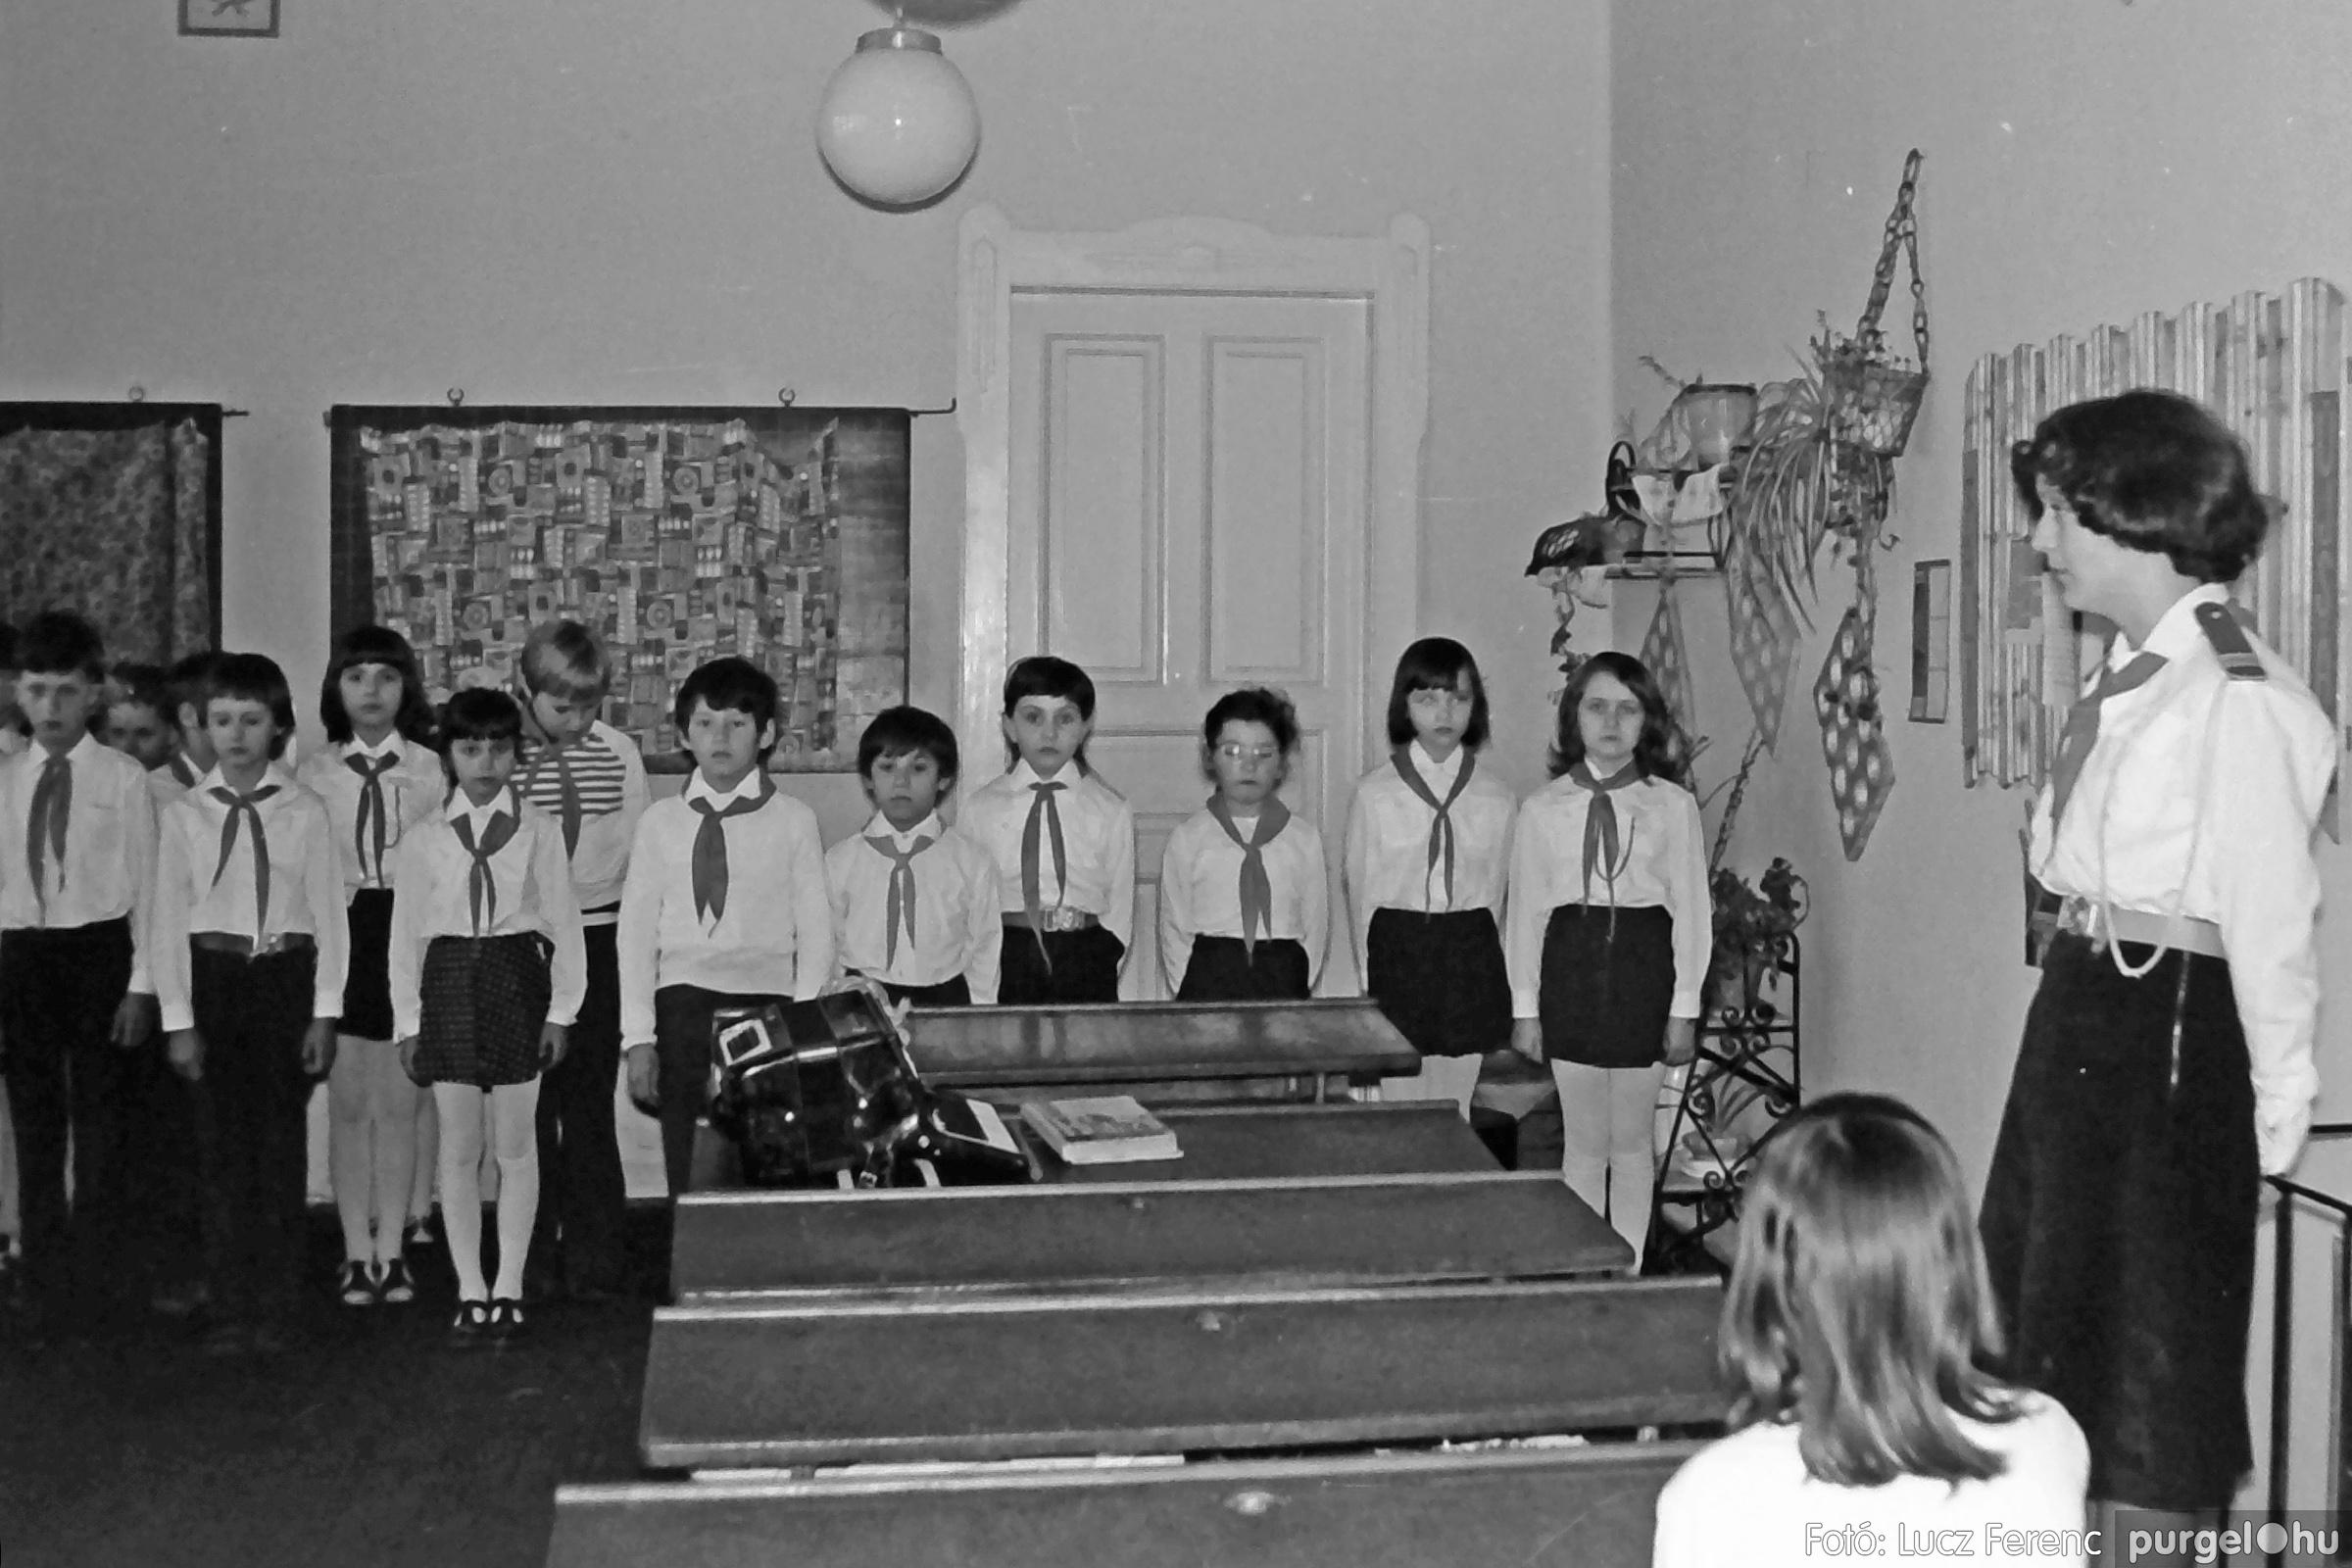 042-043. 1976. Program az újfalusi iskolában 013. - Fotó: Lucz Ferenc - IMG00289q.jpg